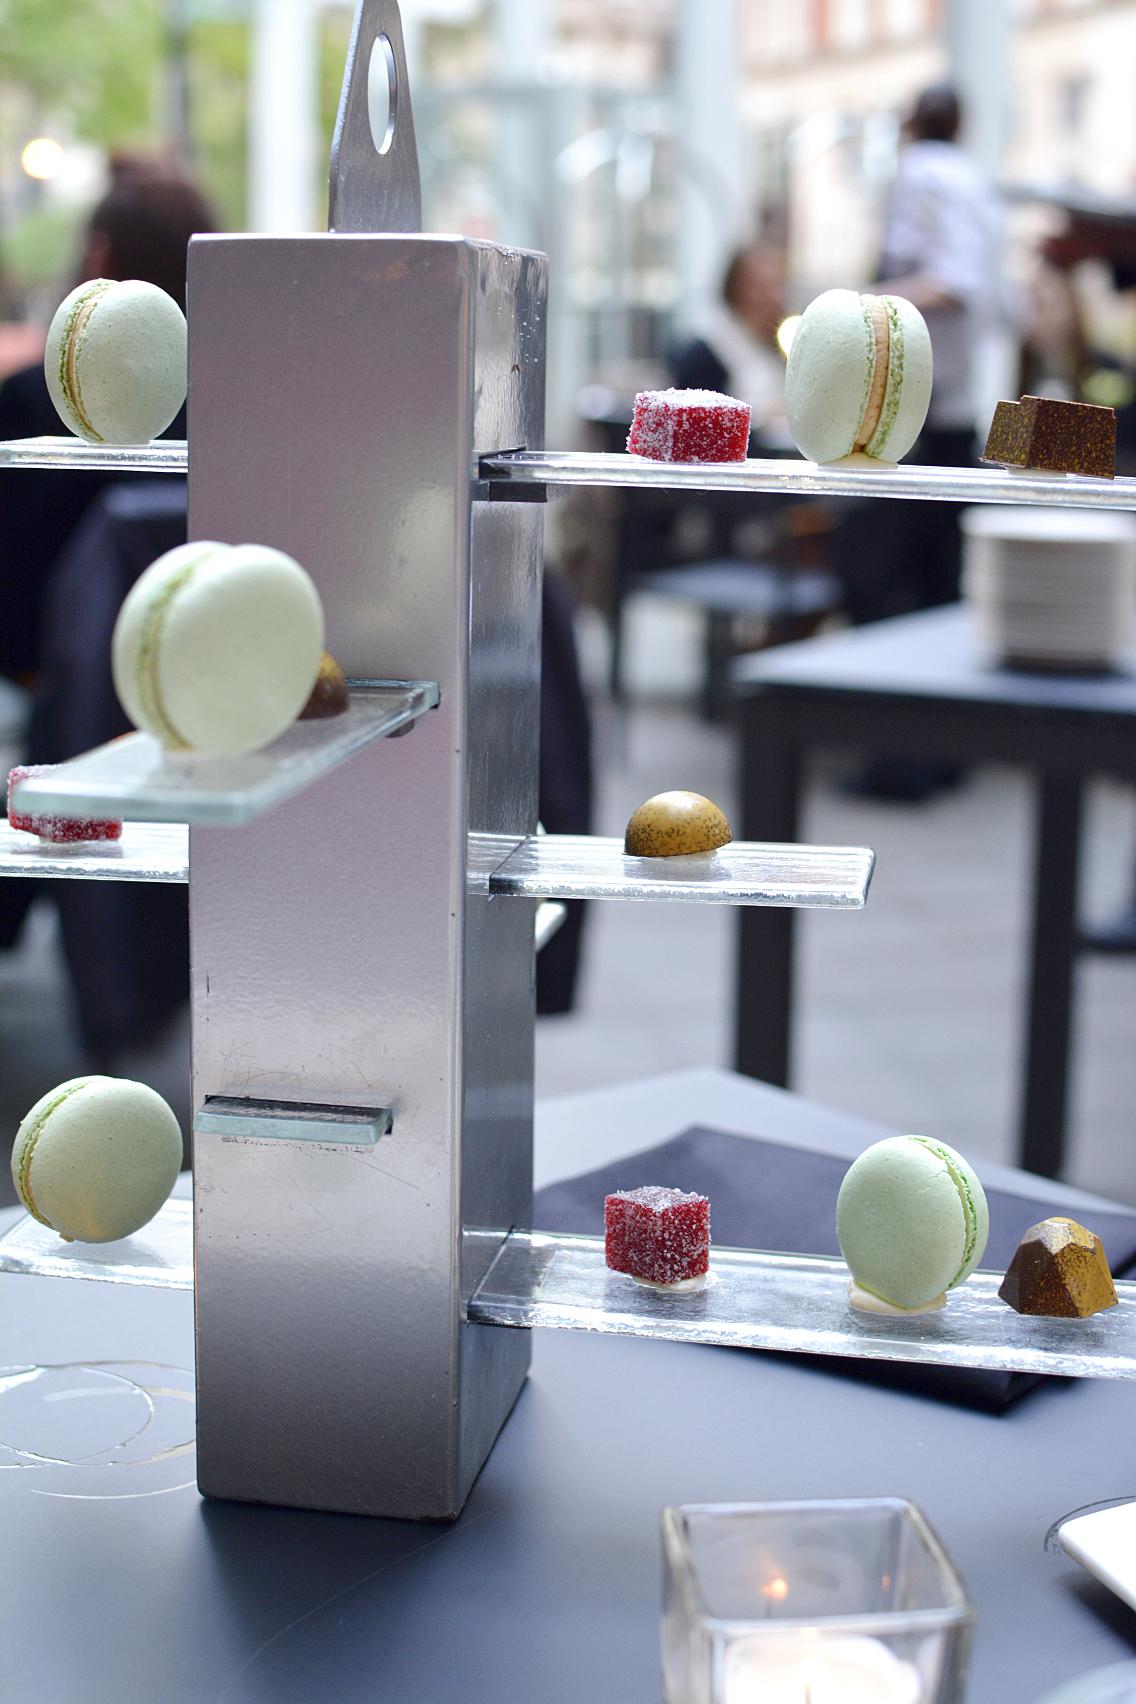 Sofitel Chicago Mignardises macarons, pate fruits, molded chocolates